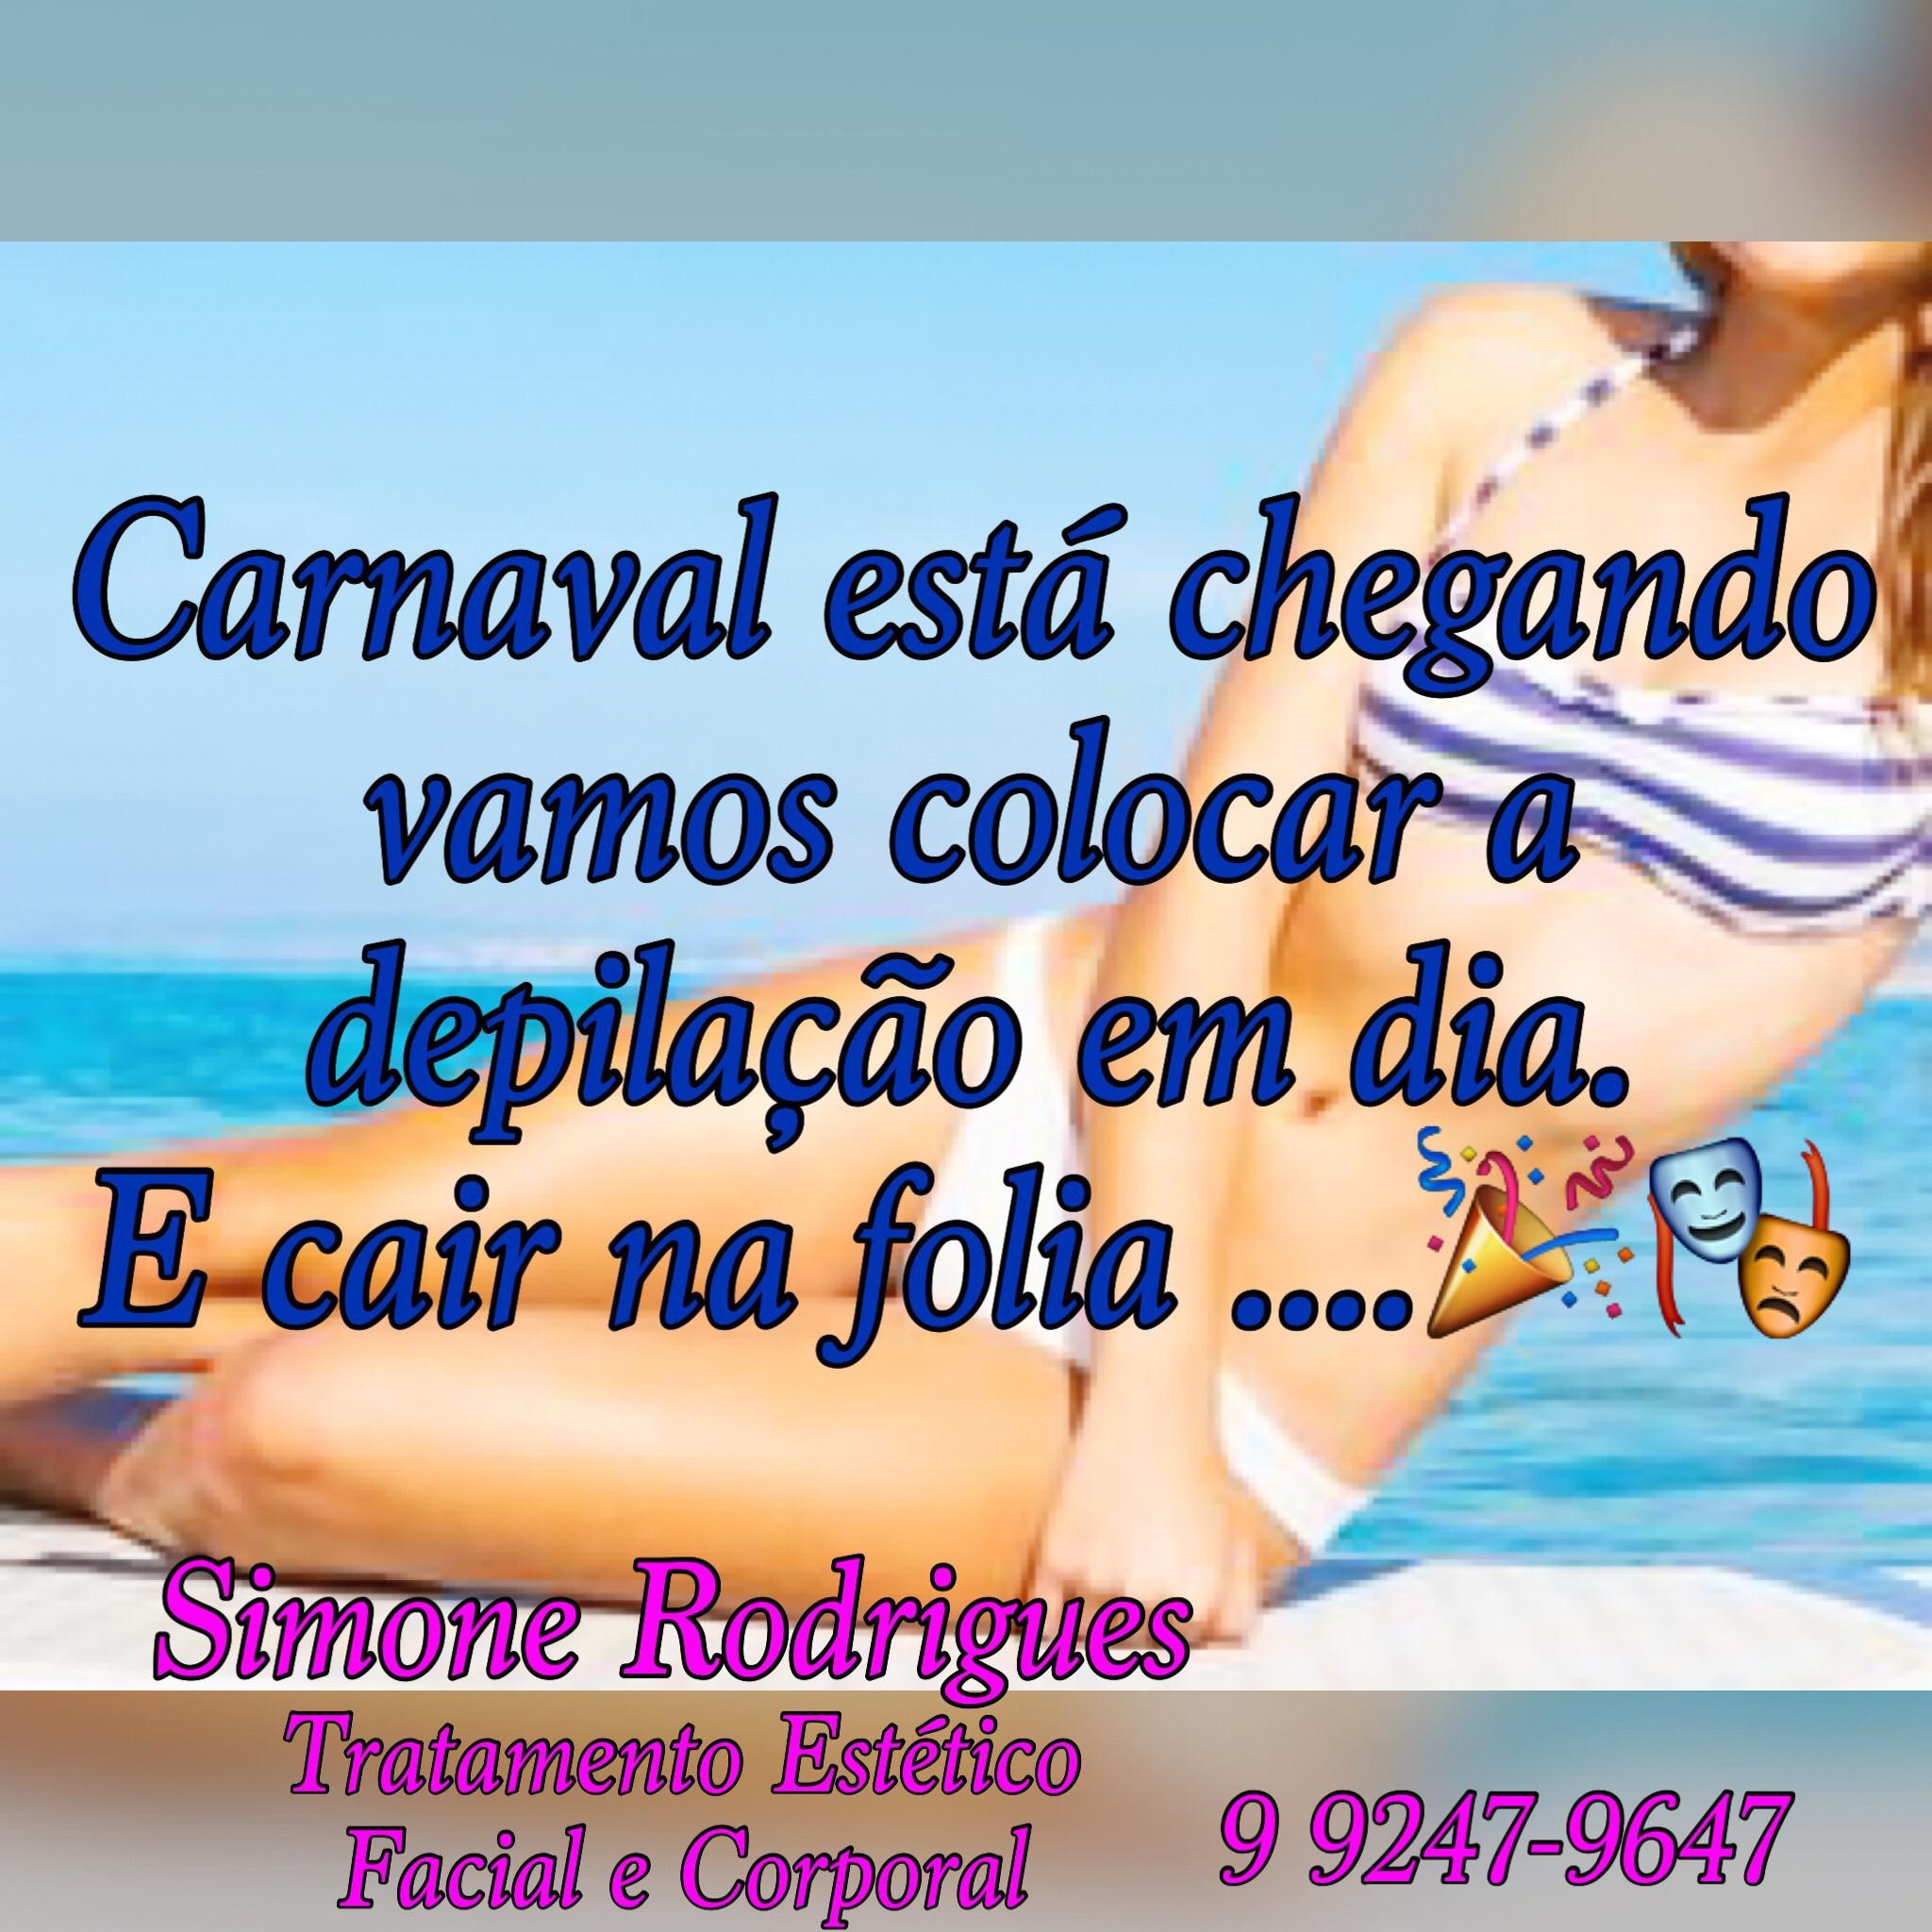 #carnaval #depilaçao #simonerodriguesdepil estética designer de sobrancelhas esteticista depilador(a) micropigmentador(a)